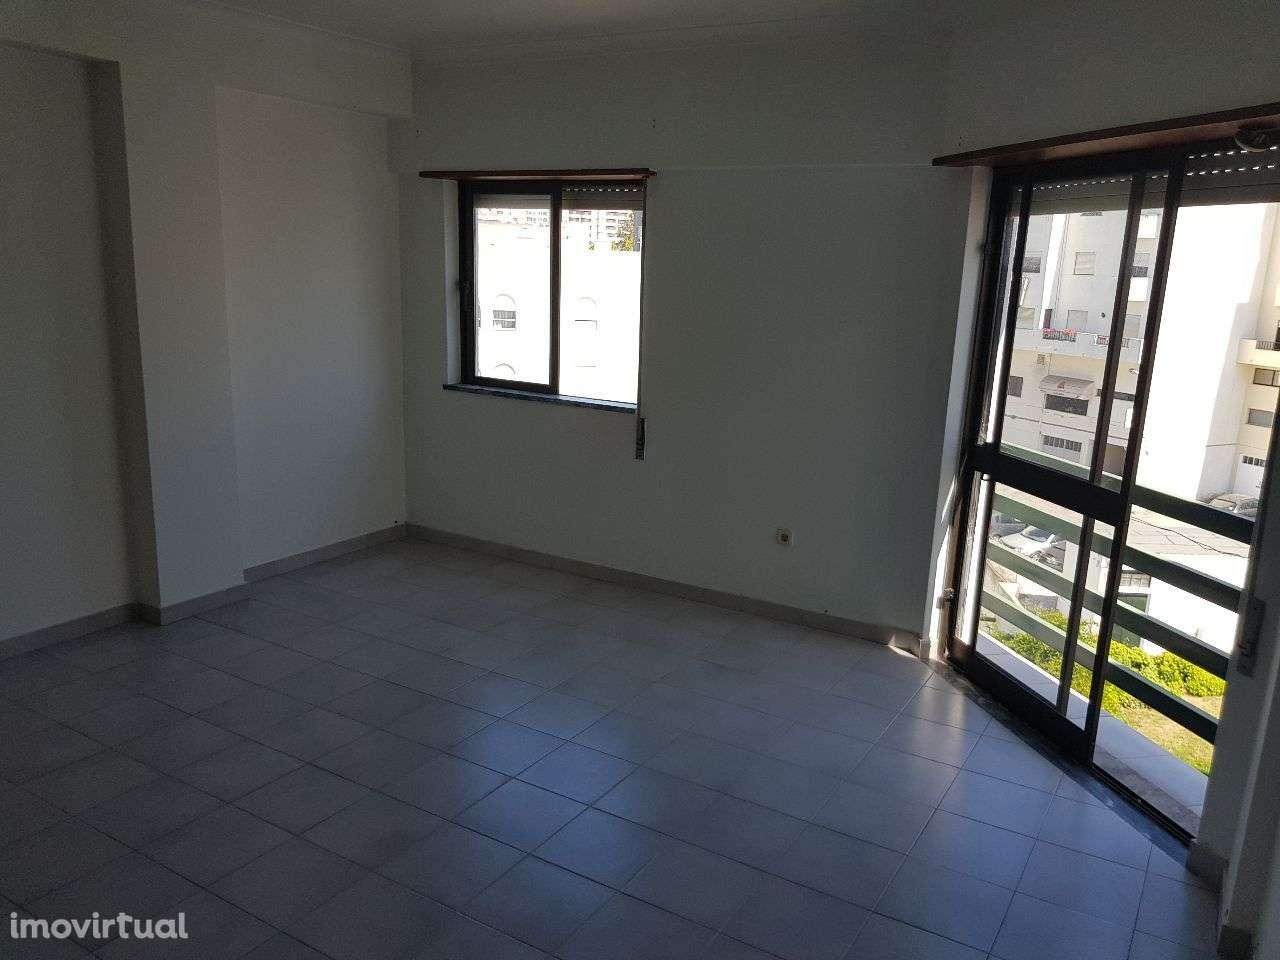 Apartamento para arrendar, Santarém (Marvila), Santa Iria da Ribeira de Santarém, Santarém (São Salvador) e Santarém (São Nicolau), Santarém - Foto 6